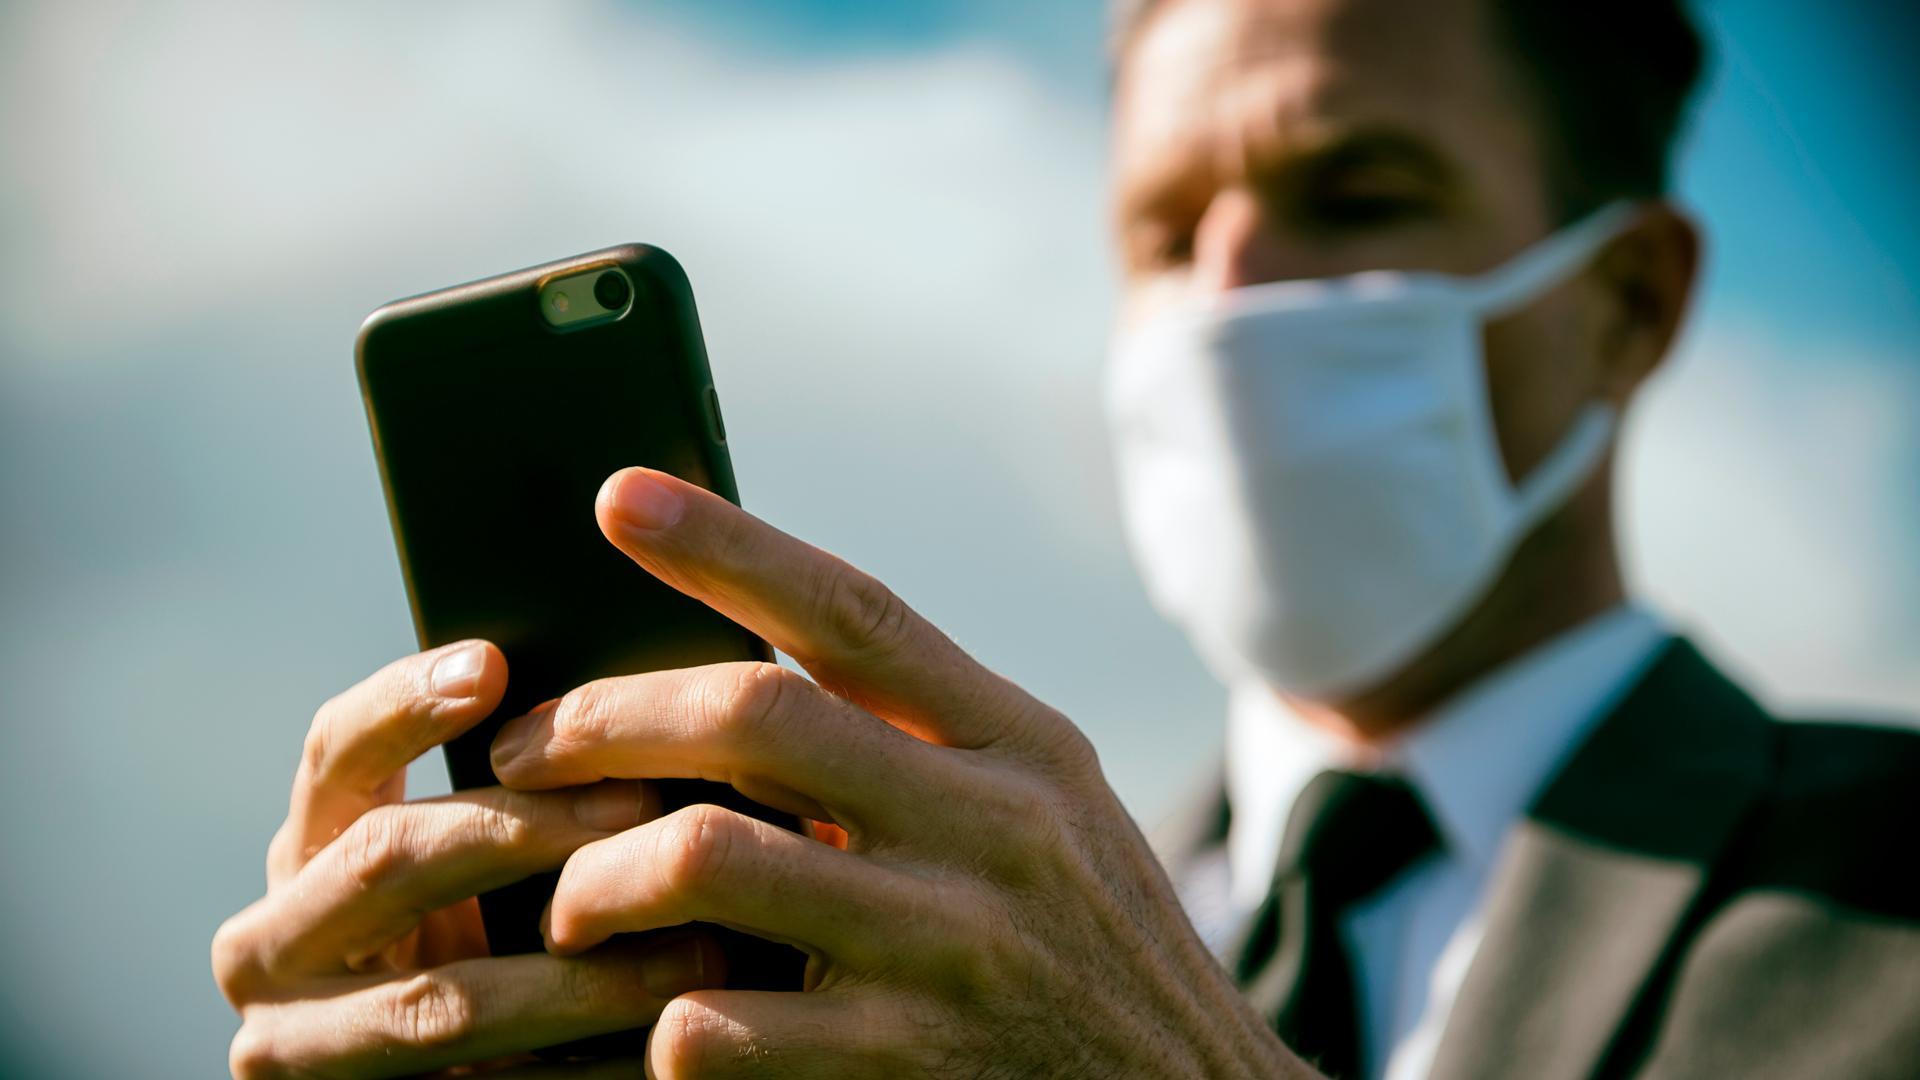 Вам придёт СМС, если вы окажетесь рядом с заражённым CoViD. Как это работает?